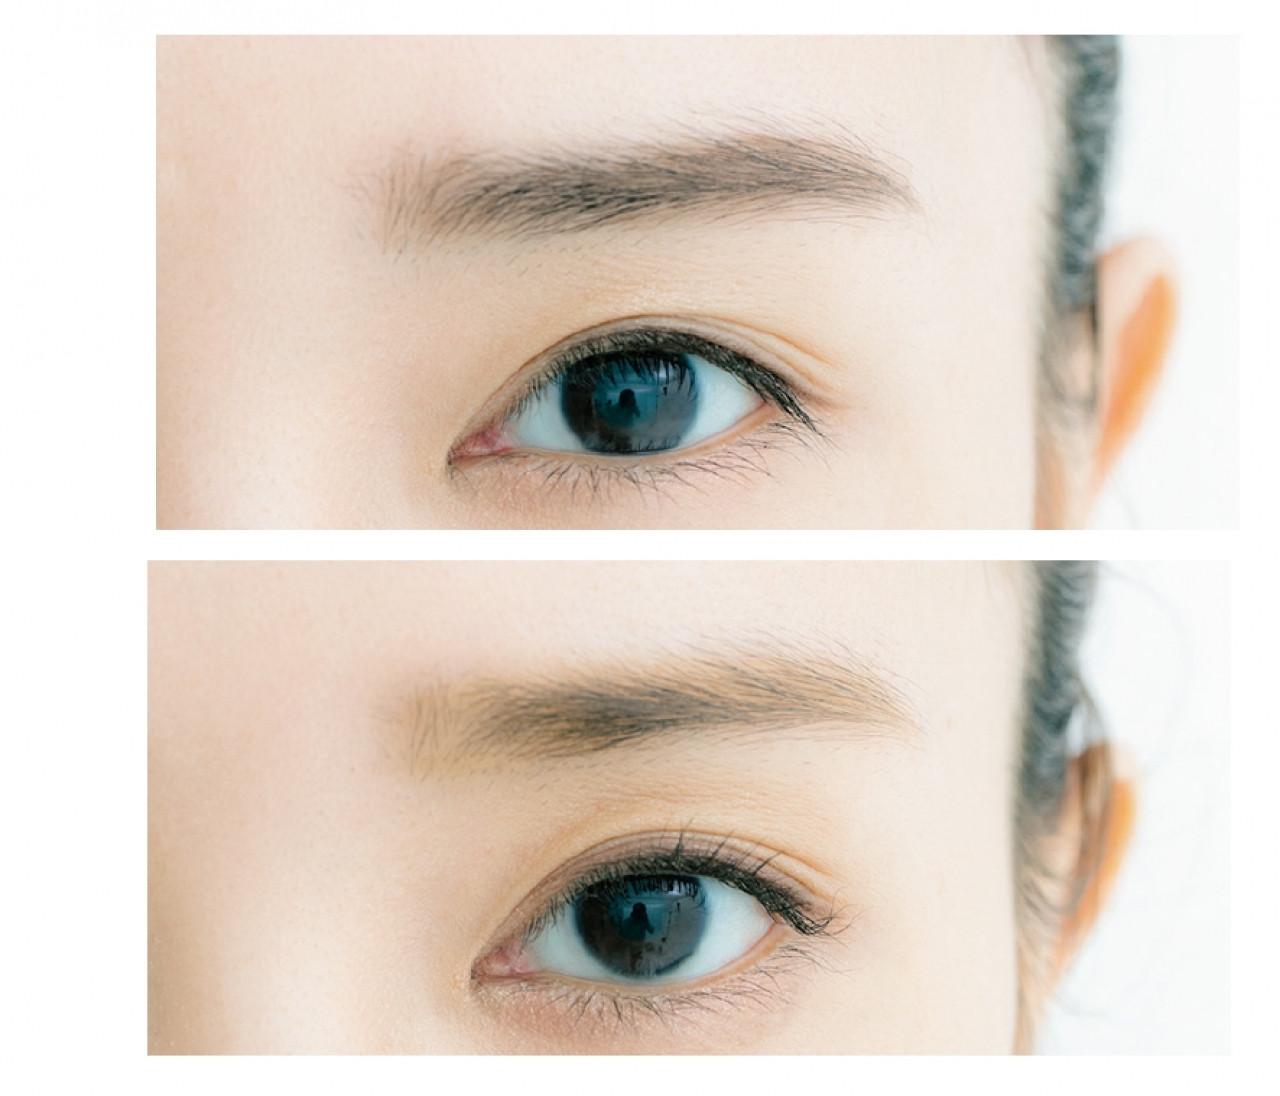 【30代のためのネオ美人眉Q&A2】目を大きく見せる眉色ってありますか?